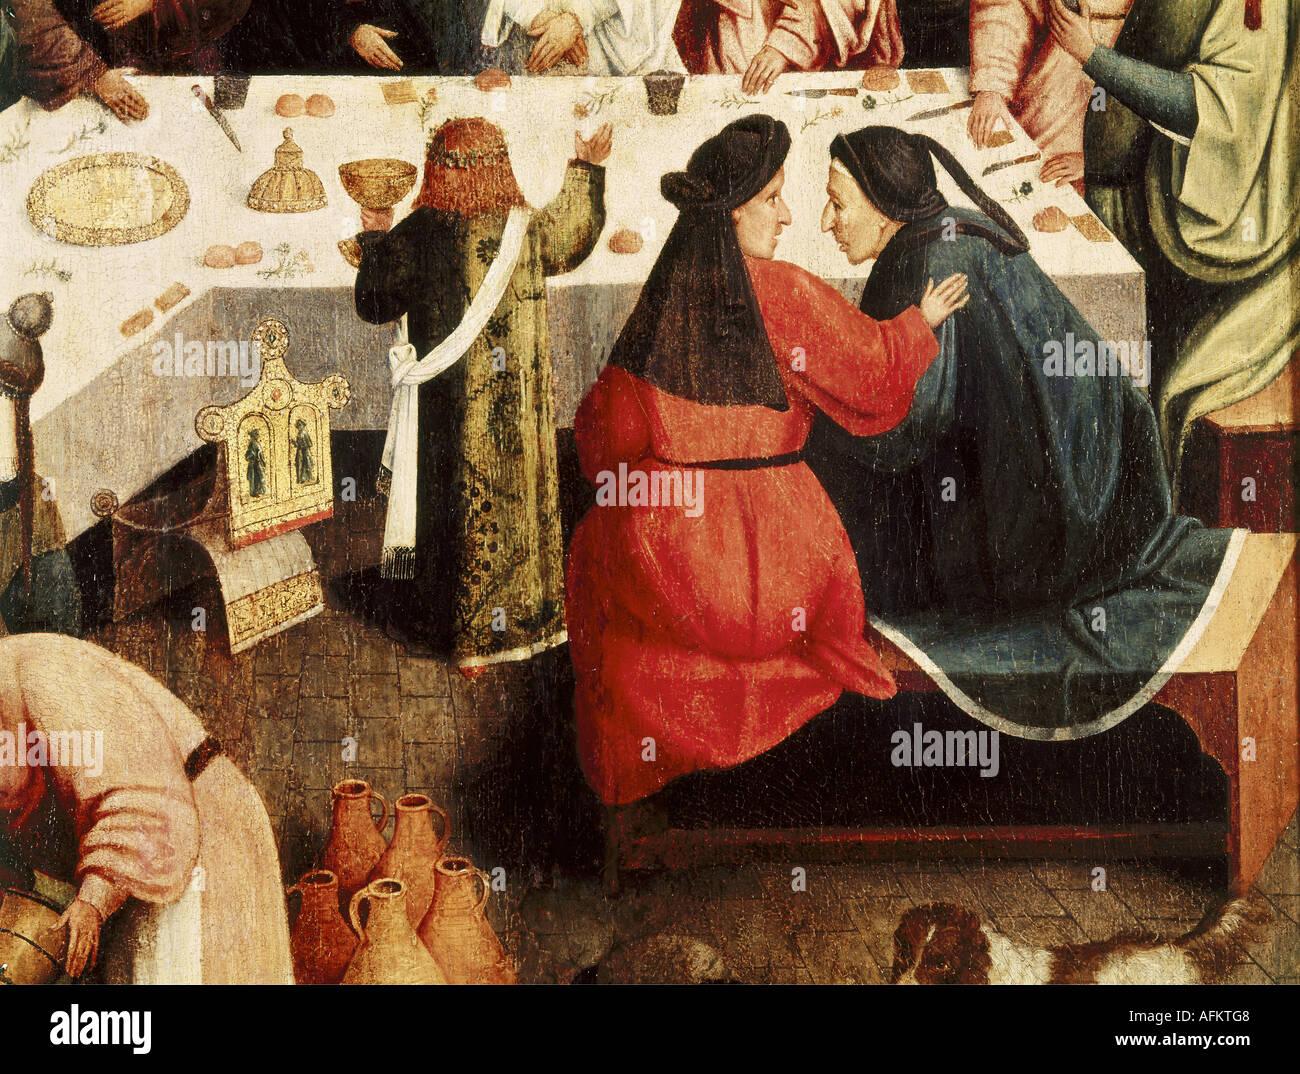 'Fine Arts, art religieux, peinture, 'mariage fête à Cana', artiste inconnu, après 1554, huile sur panneau, 93 cm x 72 cm, Boyman Photo Stock